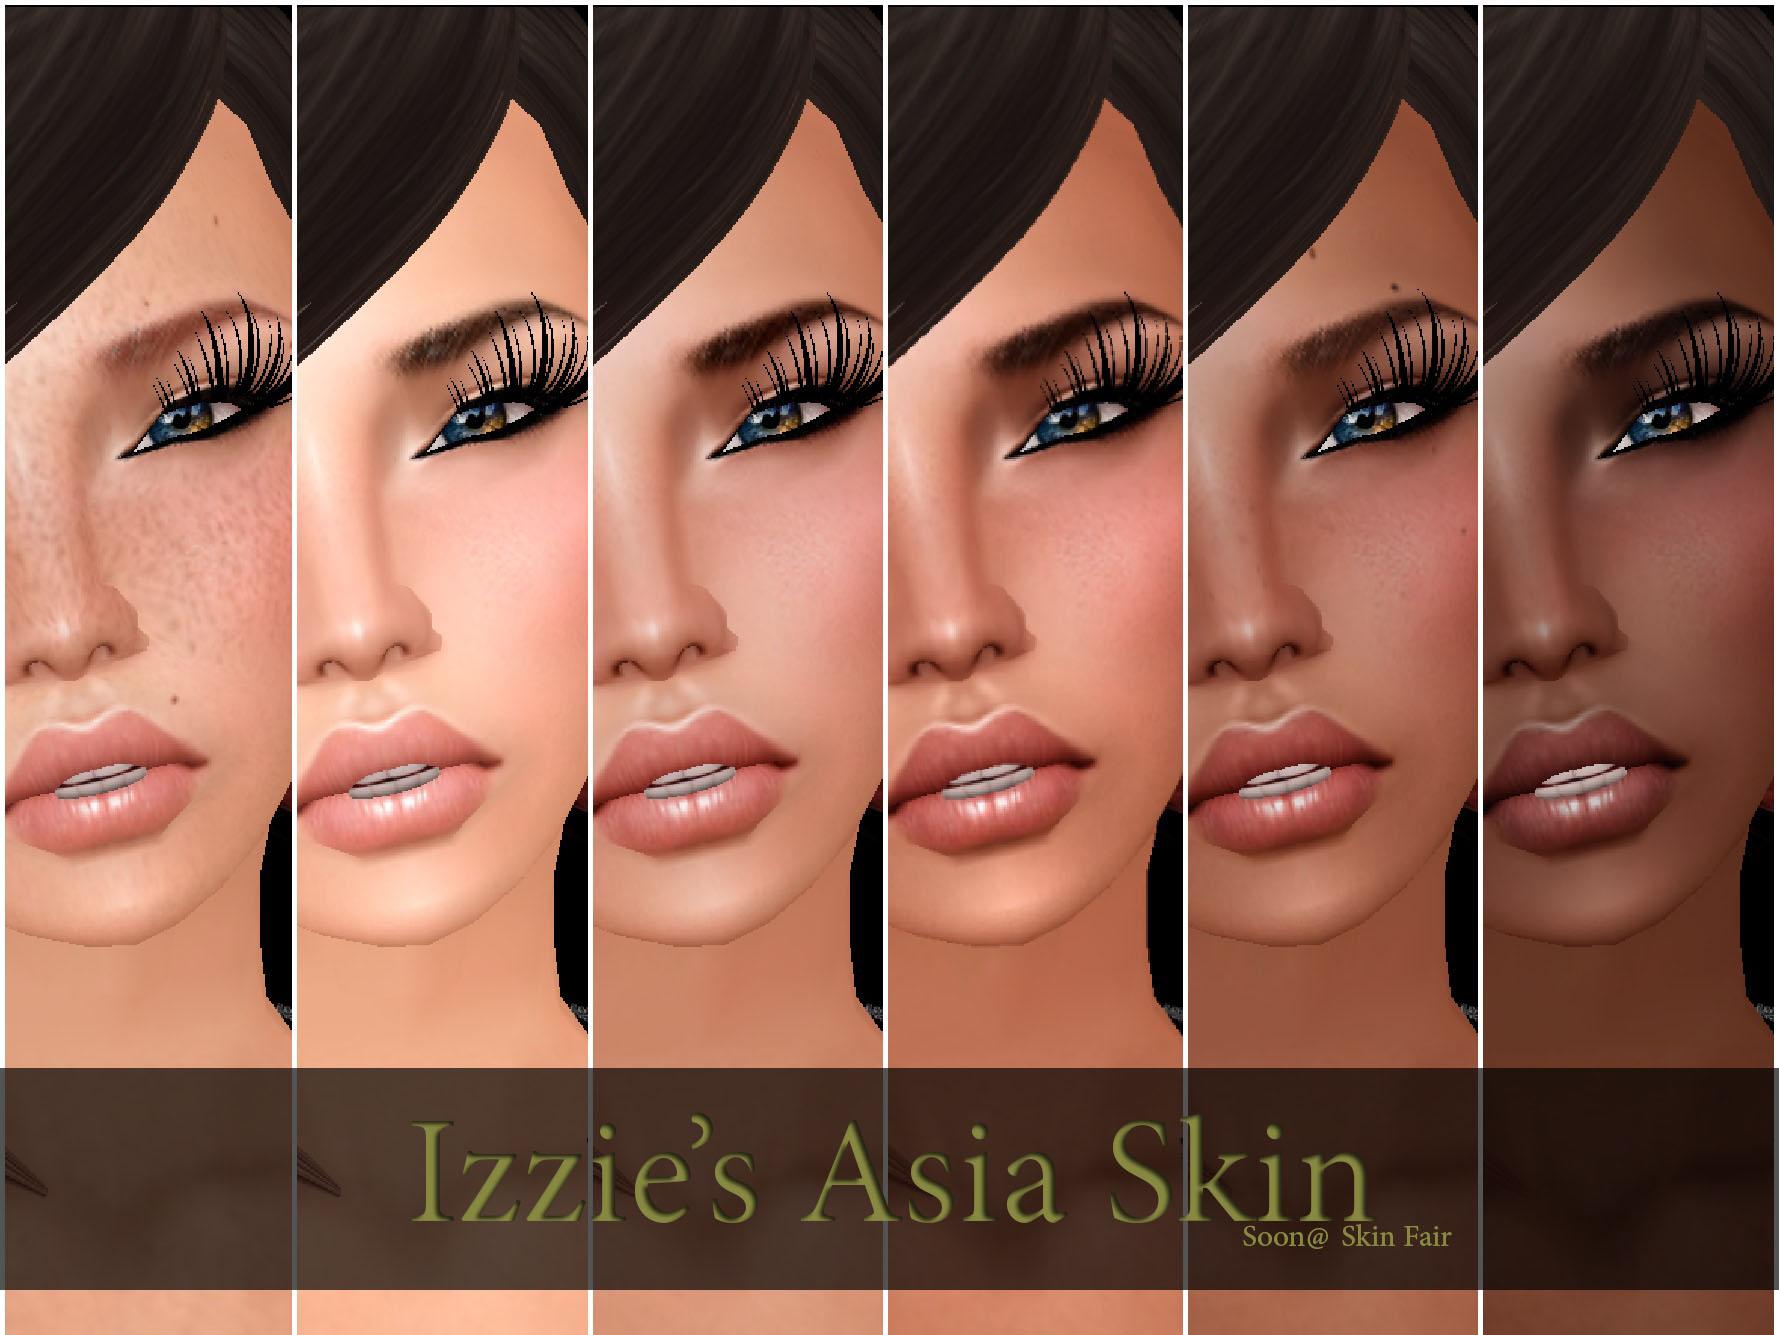 Izzie's Asia Skin@Skin Fair